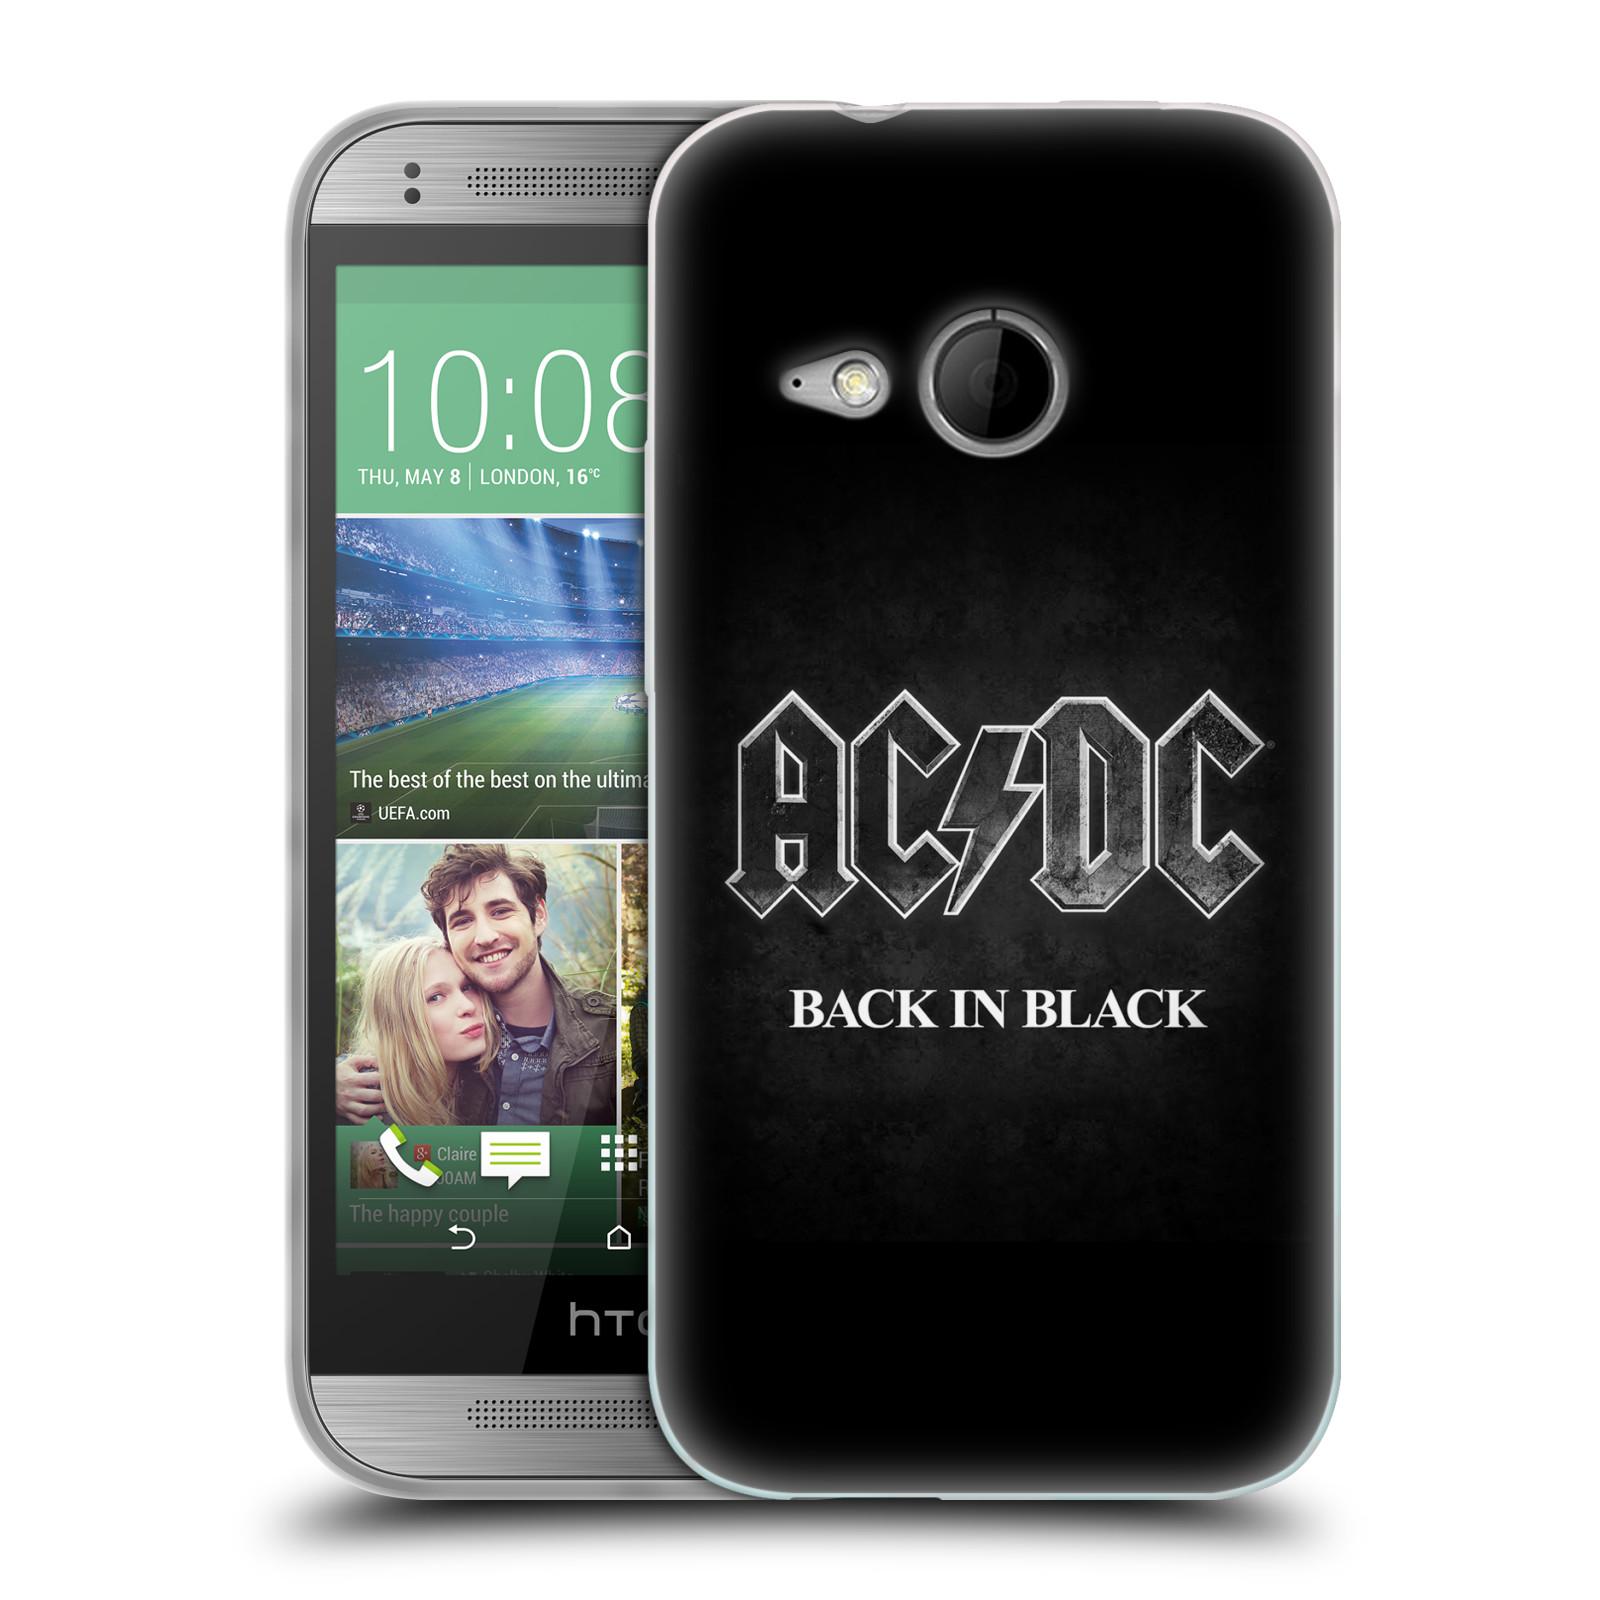 Silikonové pouzdro na mobil HTC ONE Mini 2 HEAD CASE AC/DC BACK IN BLACK (Silikonový kryt či obal na mobilní telefon s oficiálním motivem australské skupiny AC/DC pro HTC ONE Mini 2)